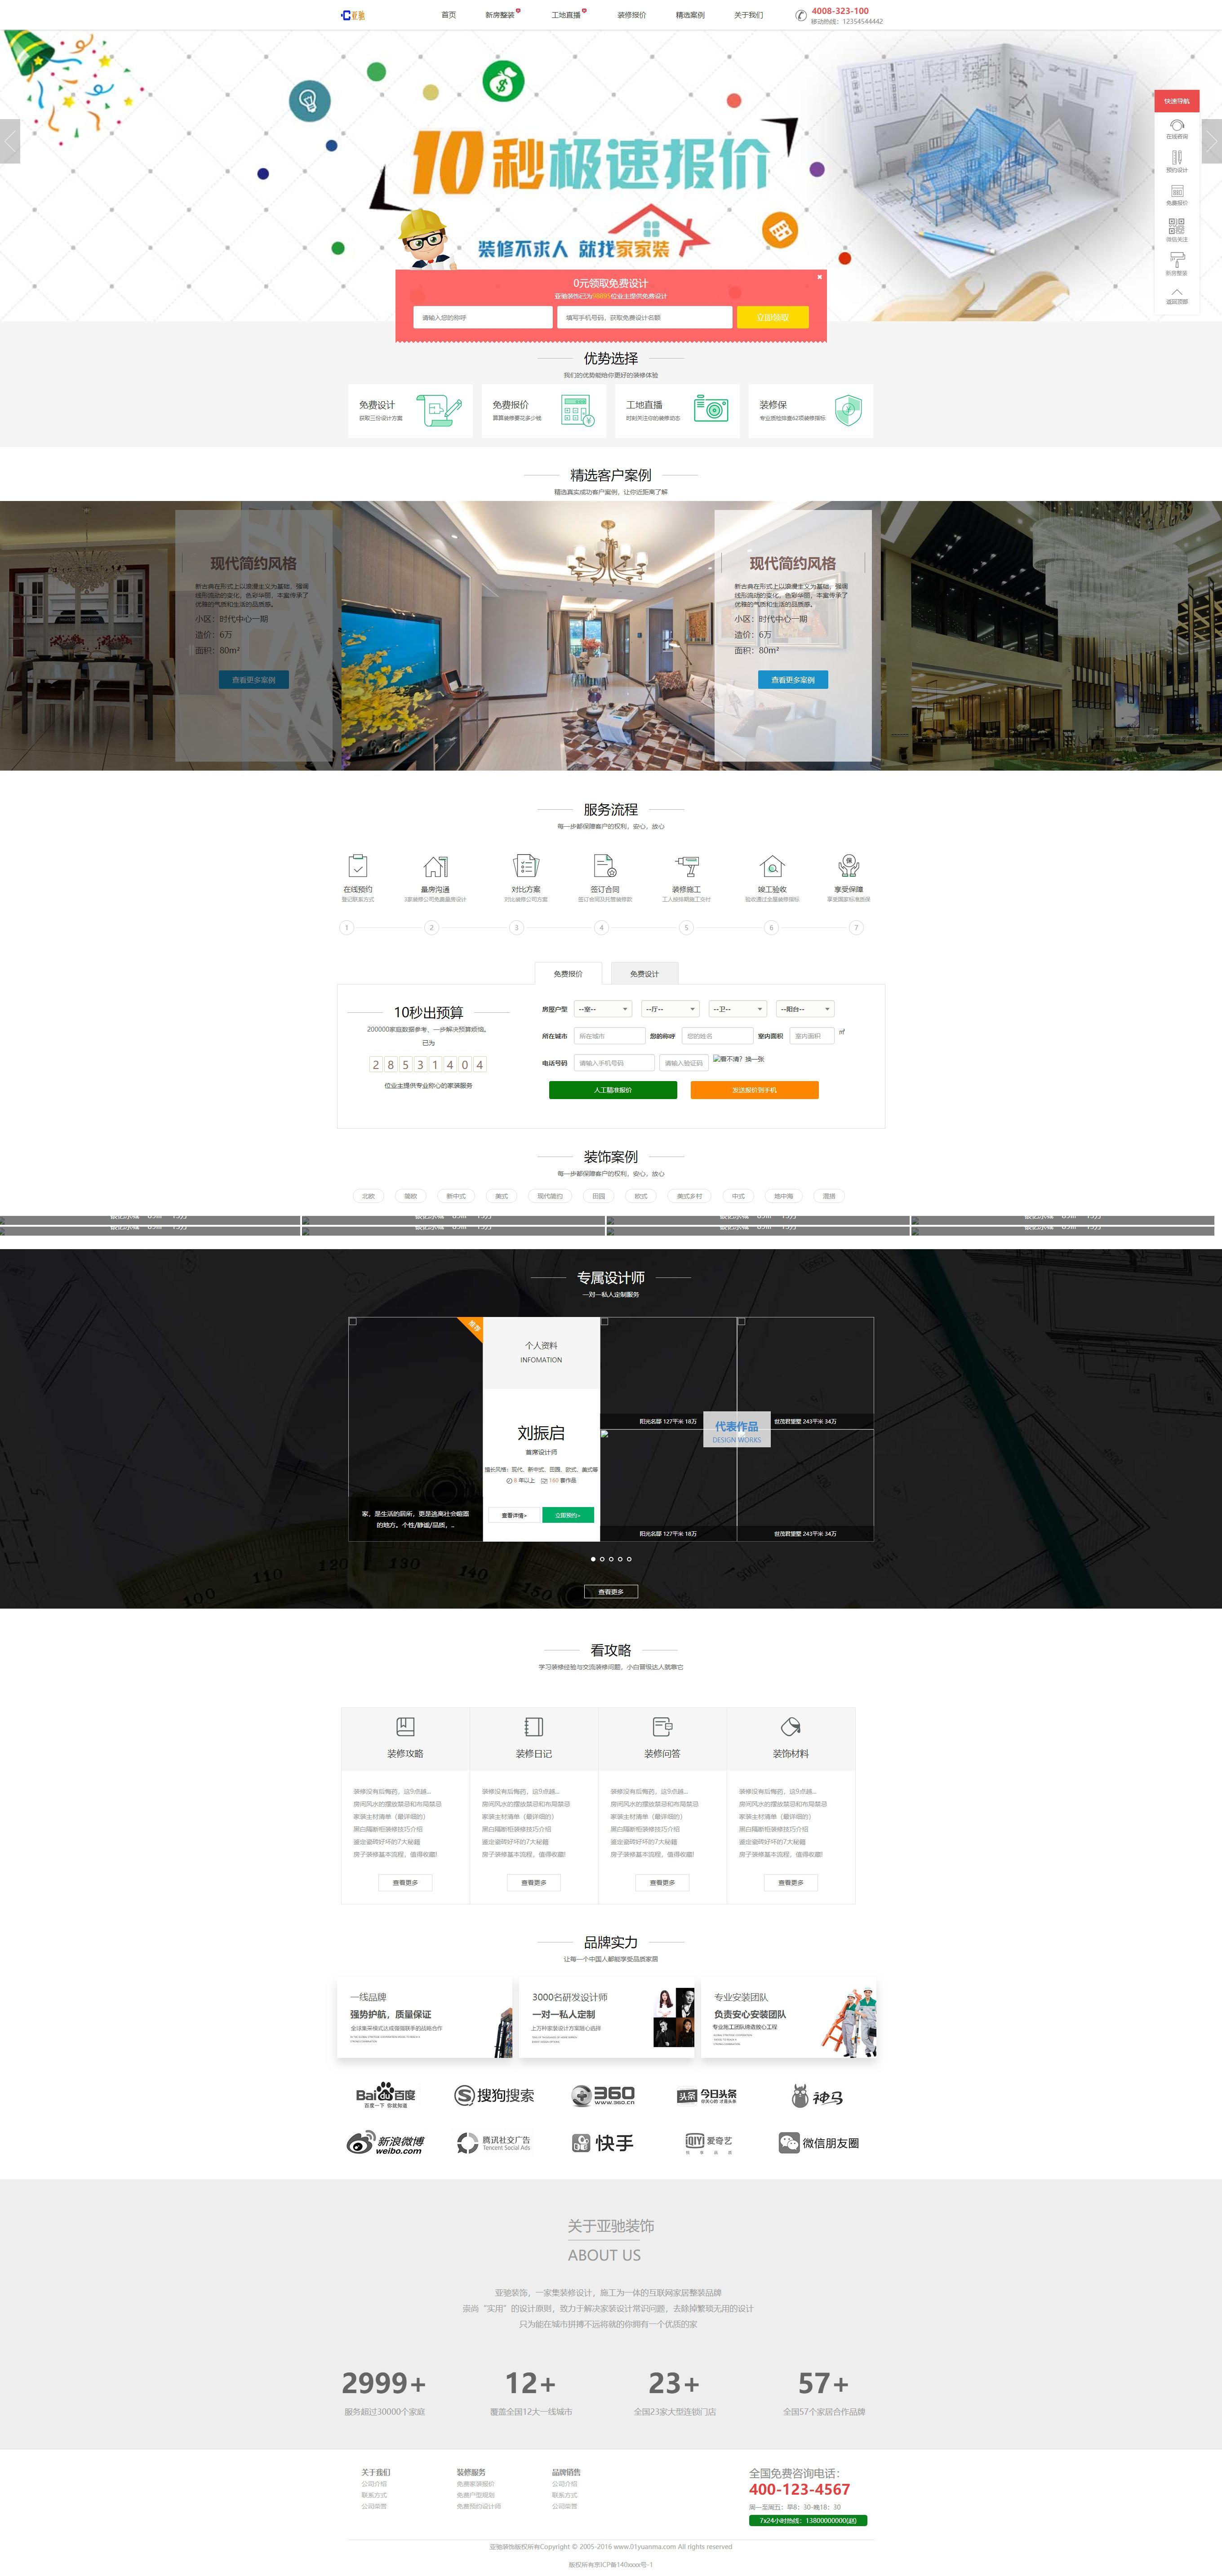 大气的装饰装修一体化公司网站html模板